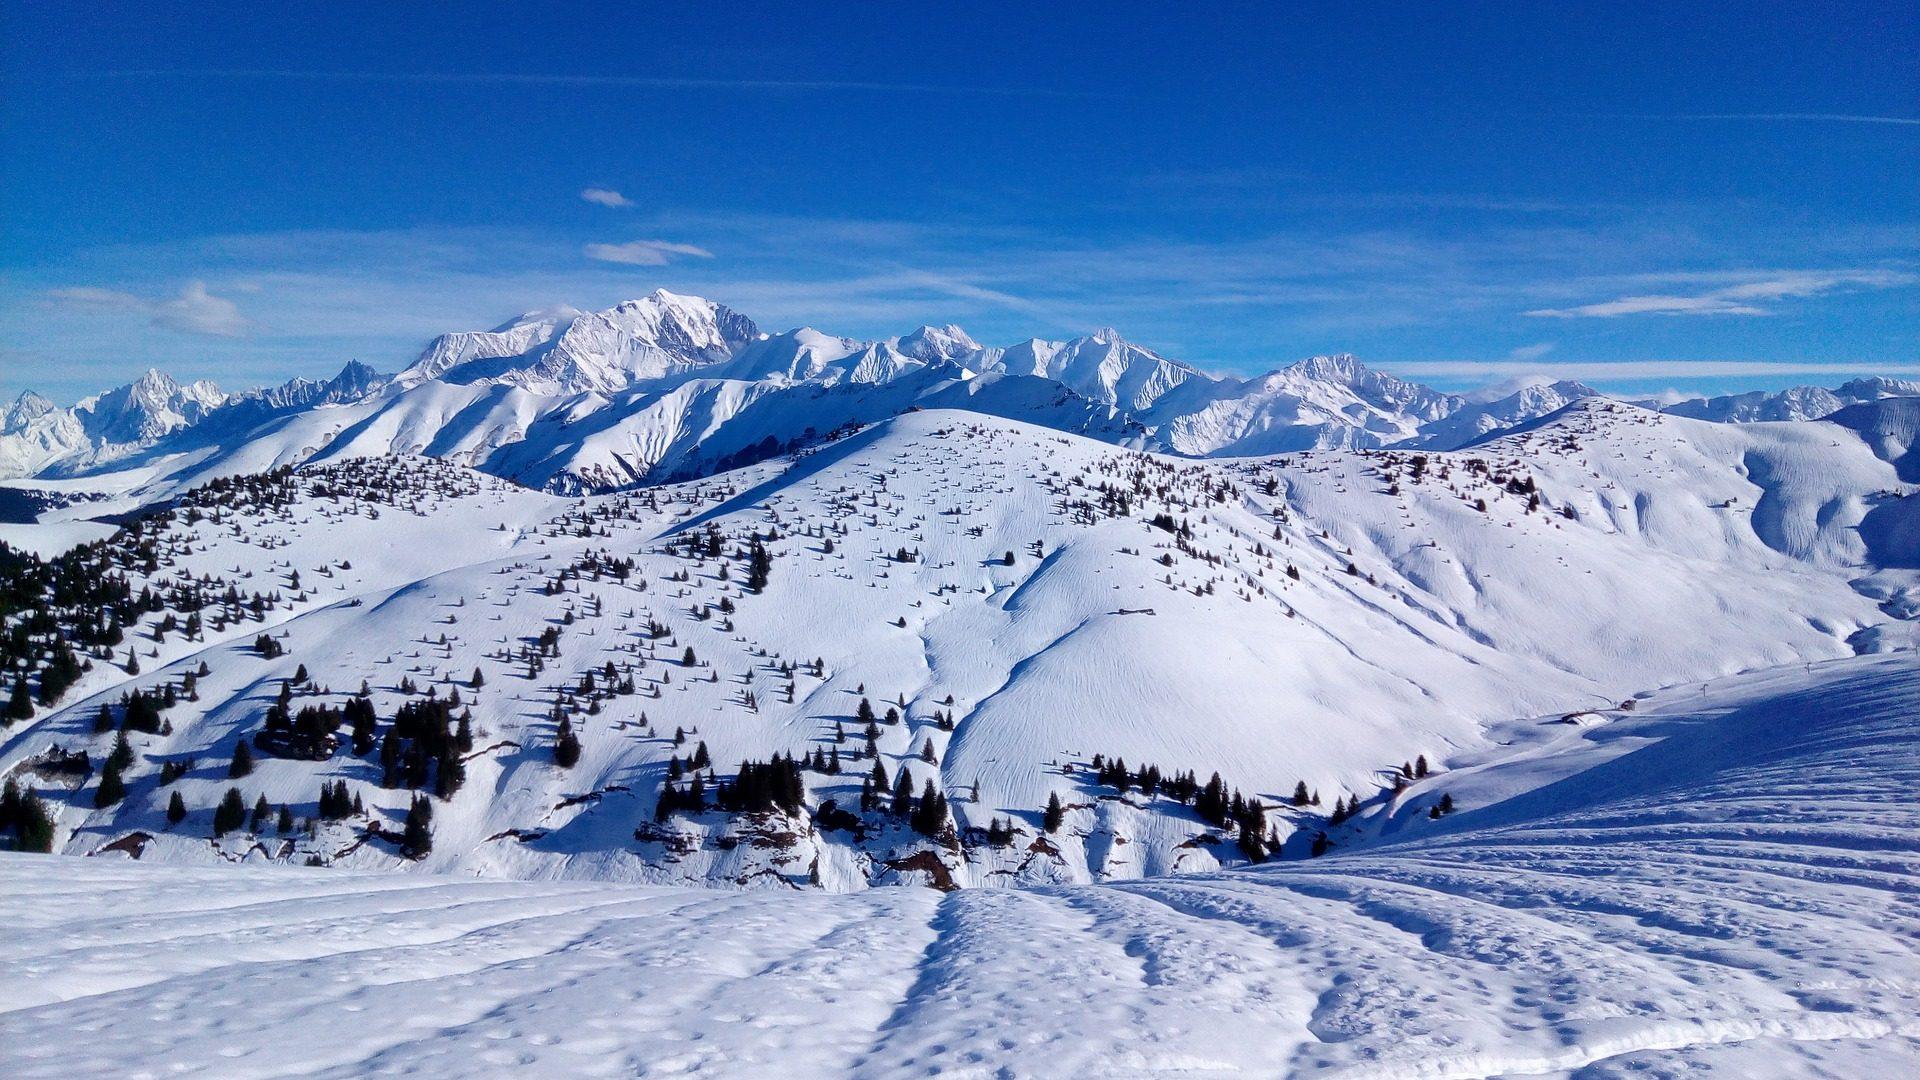 Montagna, Nevada, neve, alberi, tracce, Sci - Sfondi HD - Professor-falken.com